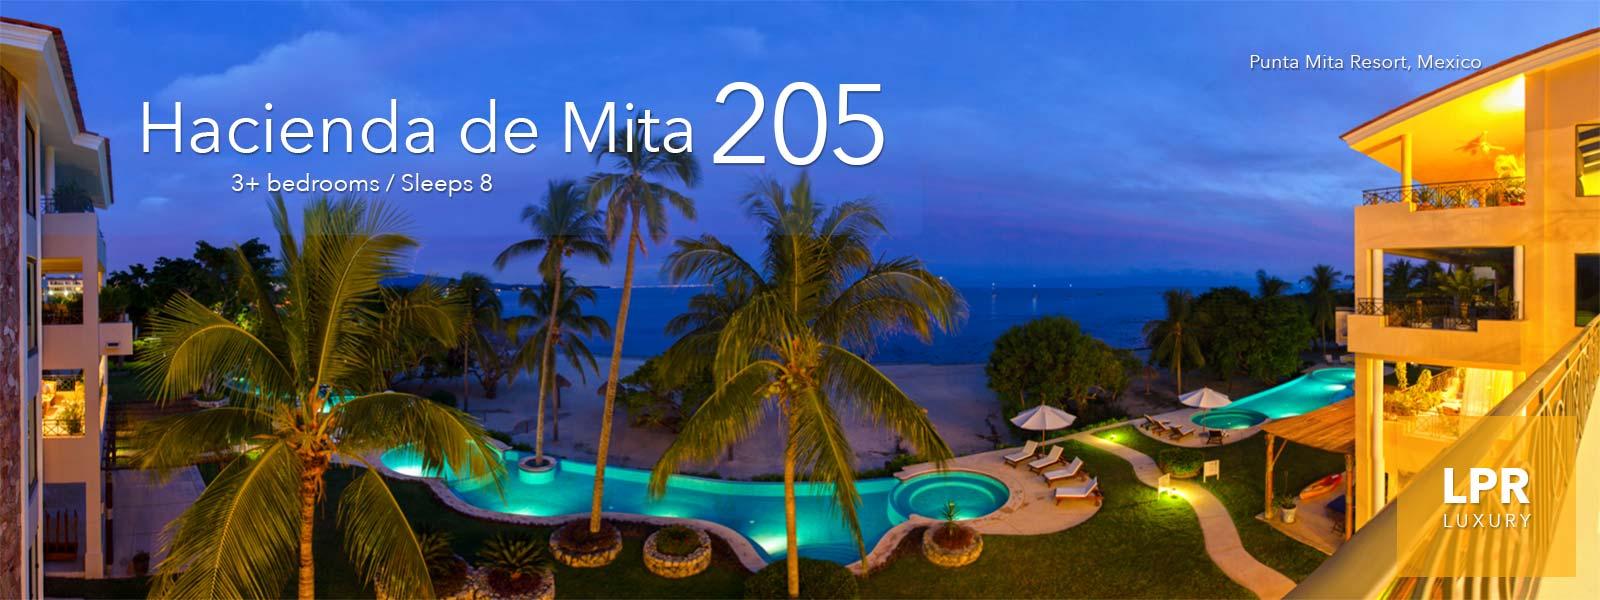 Hacienda de Mita 205 - Luxury Punta Mita Resort Condos, Mexico